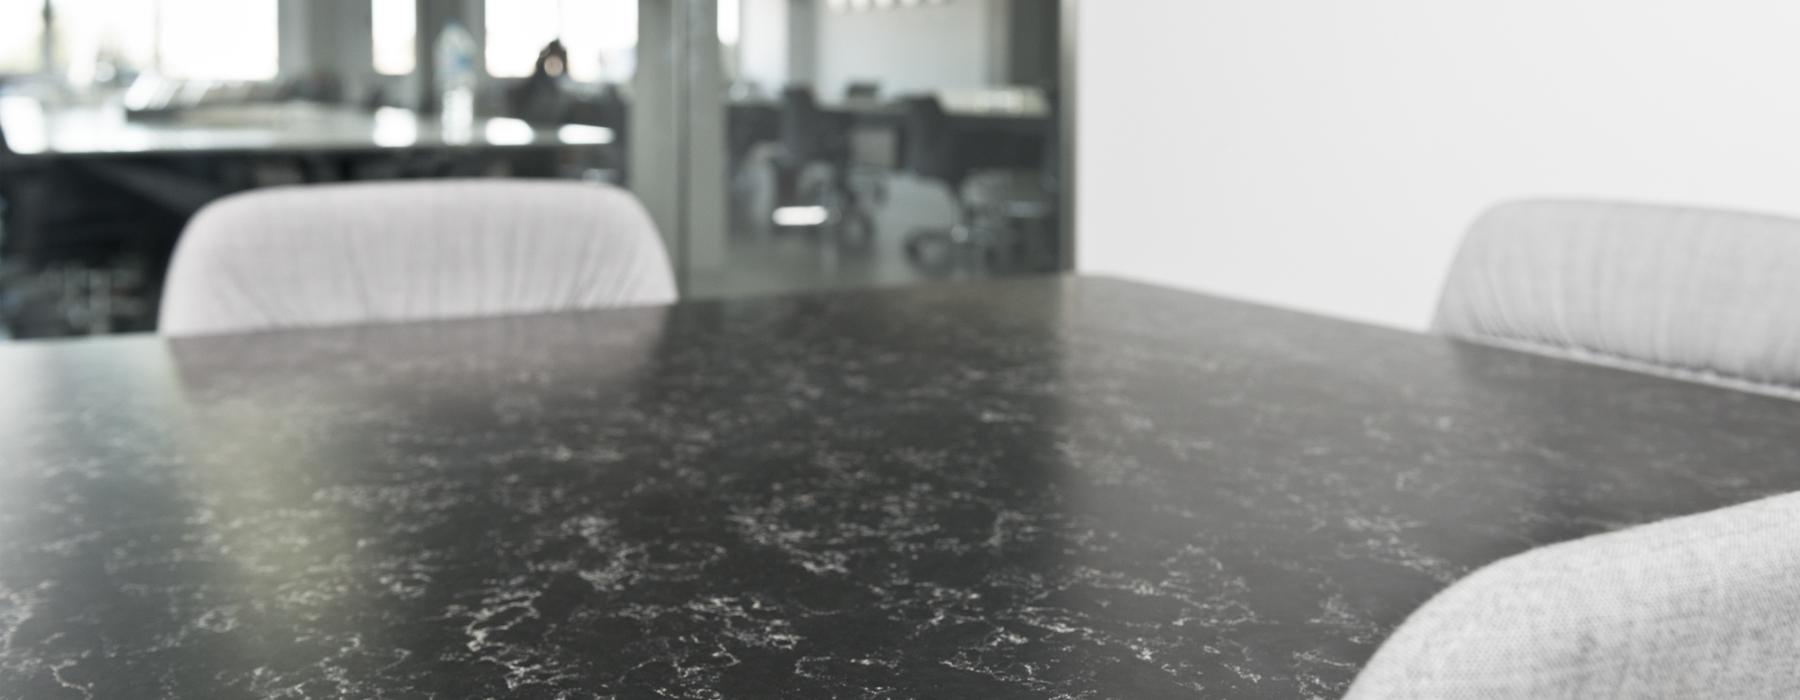 Comment Nettoyer Le Marbre Exterieur questions fréquentes. surfaces en marbre et en quartz pour